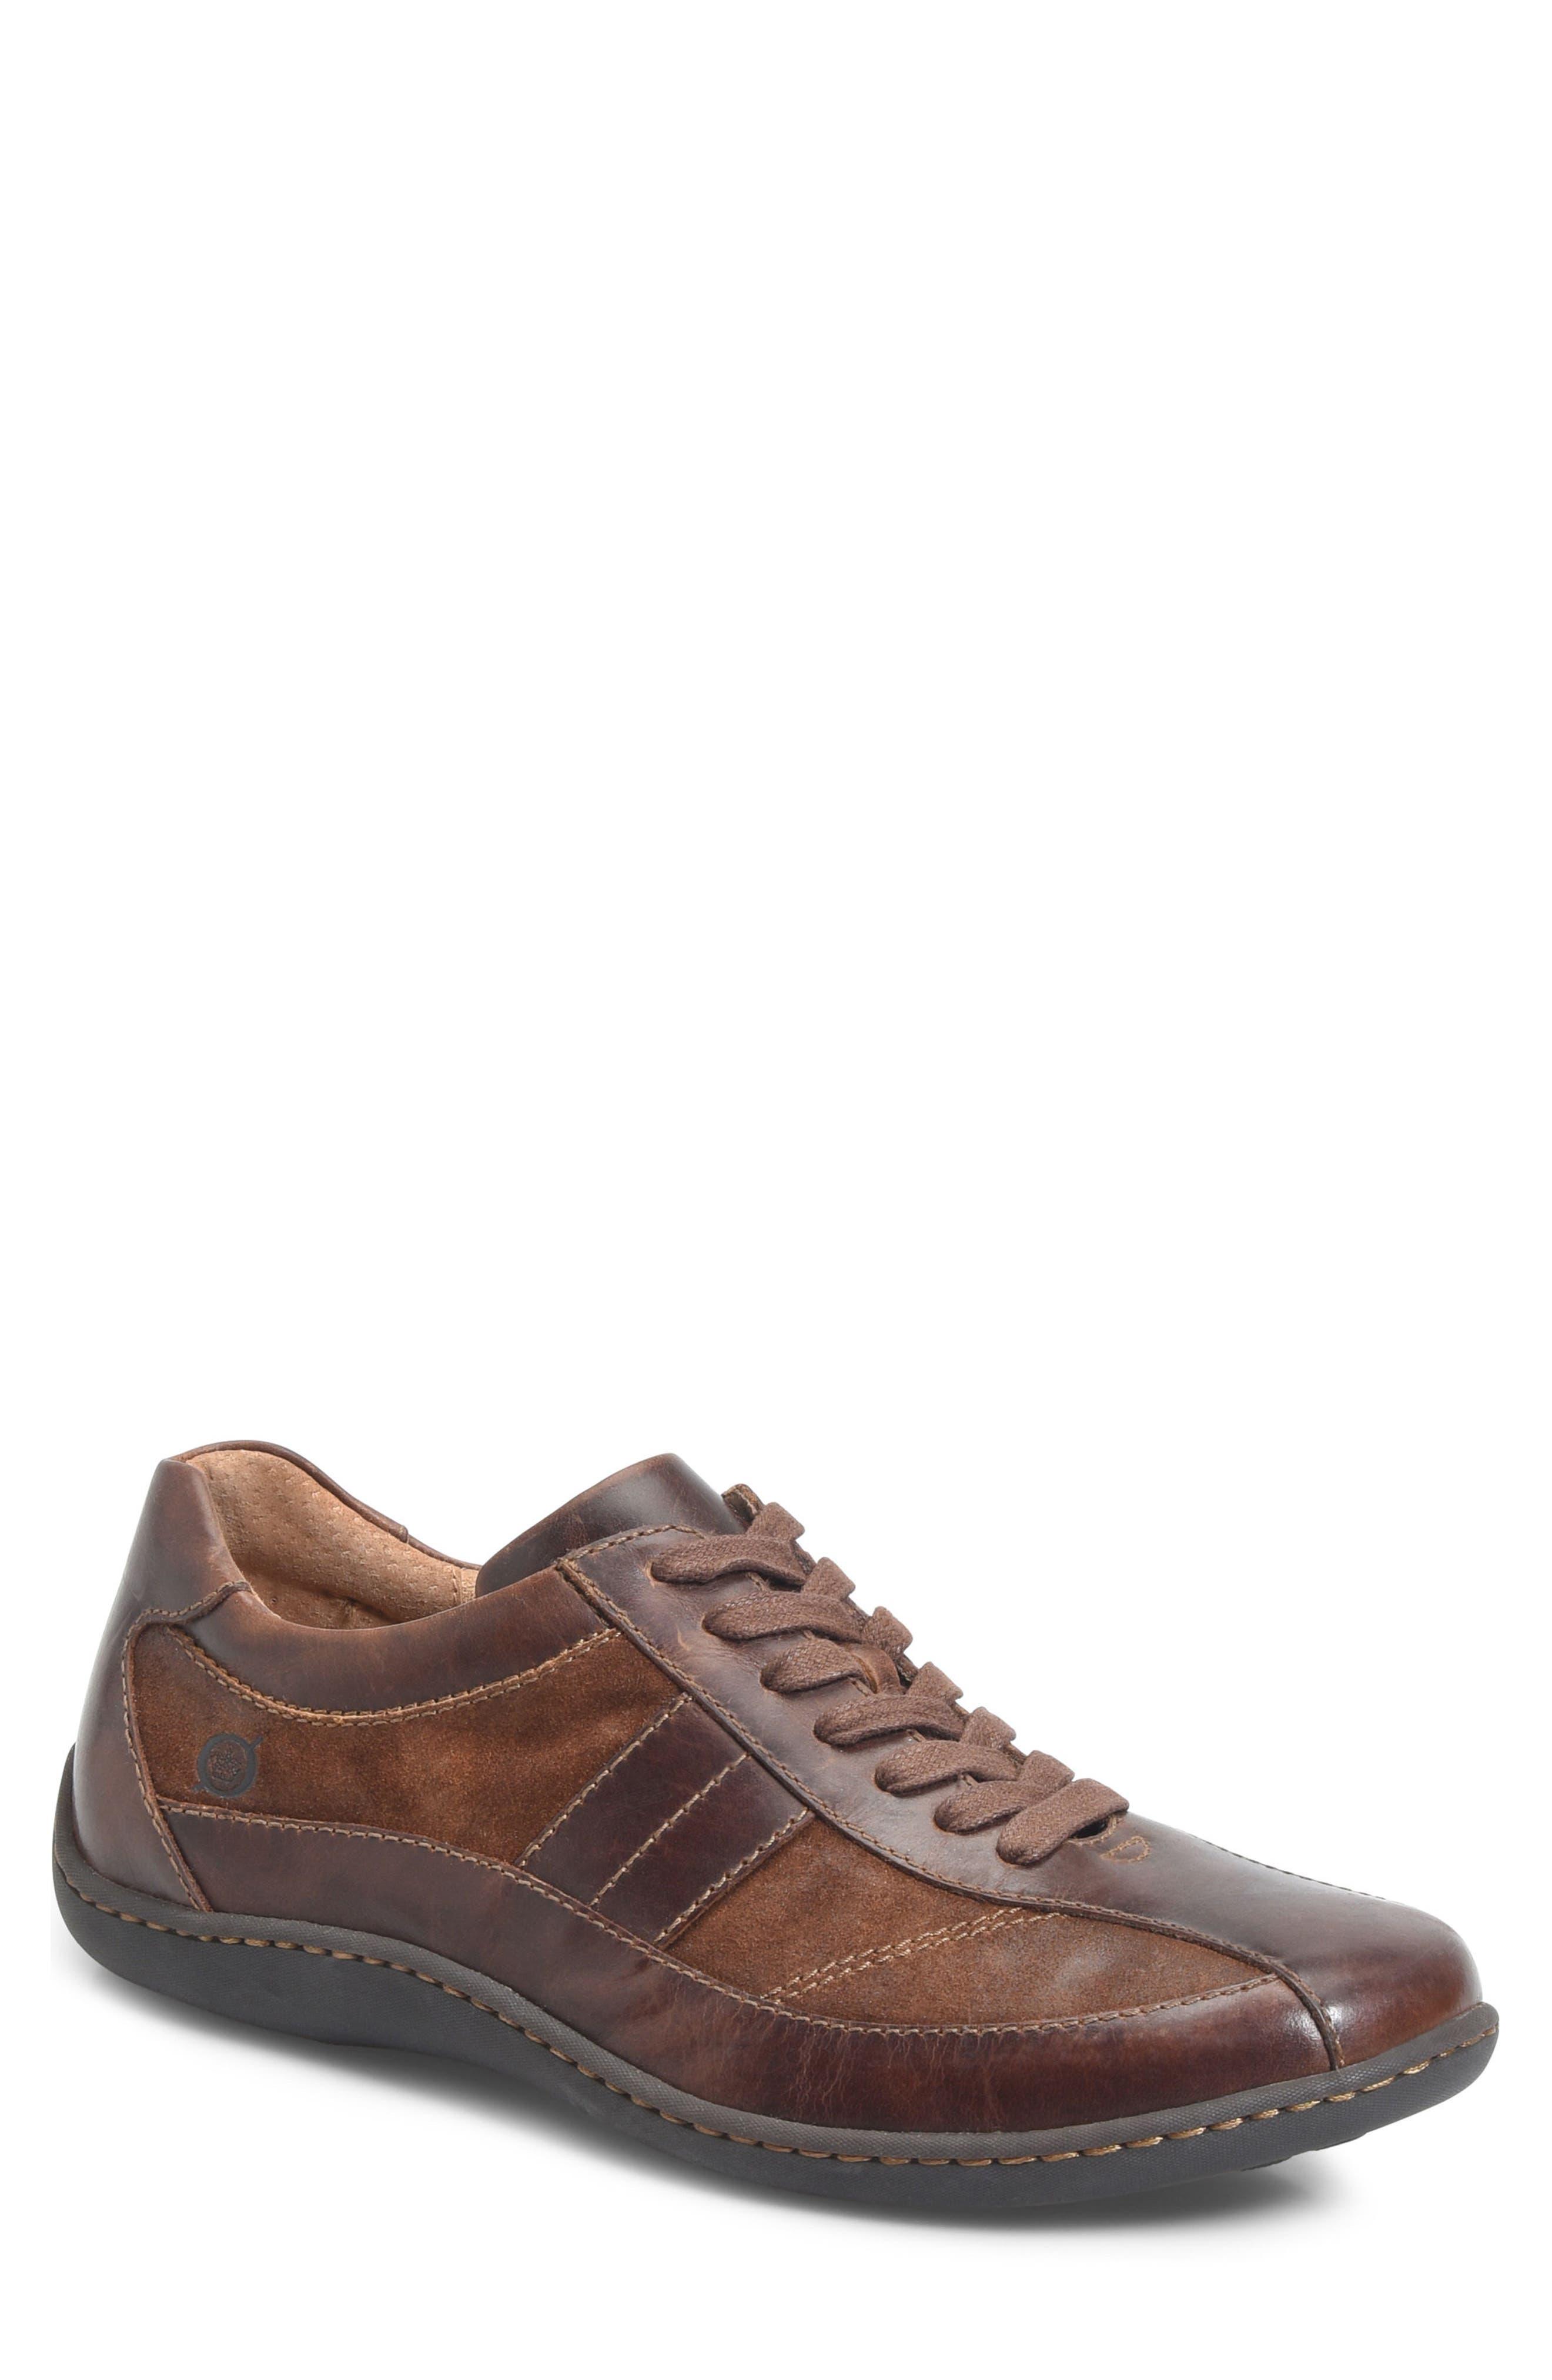 Alternate Image 1 Selected - Børn Breves Low Top Sneaker (Men)